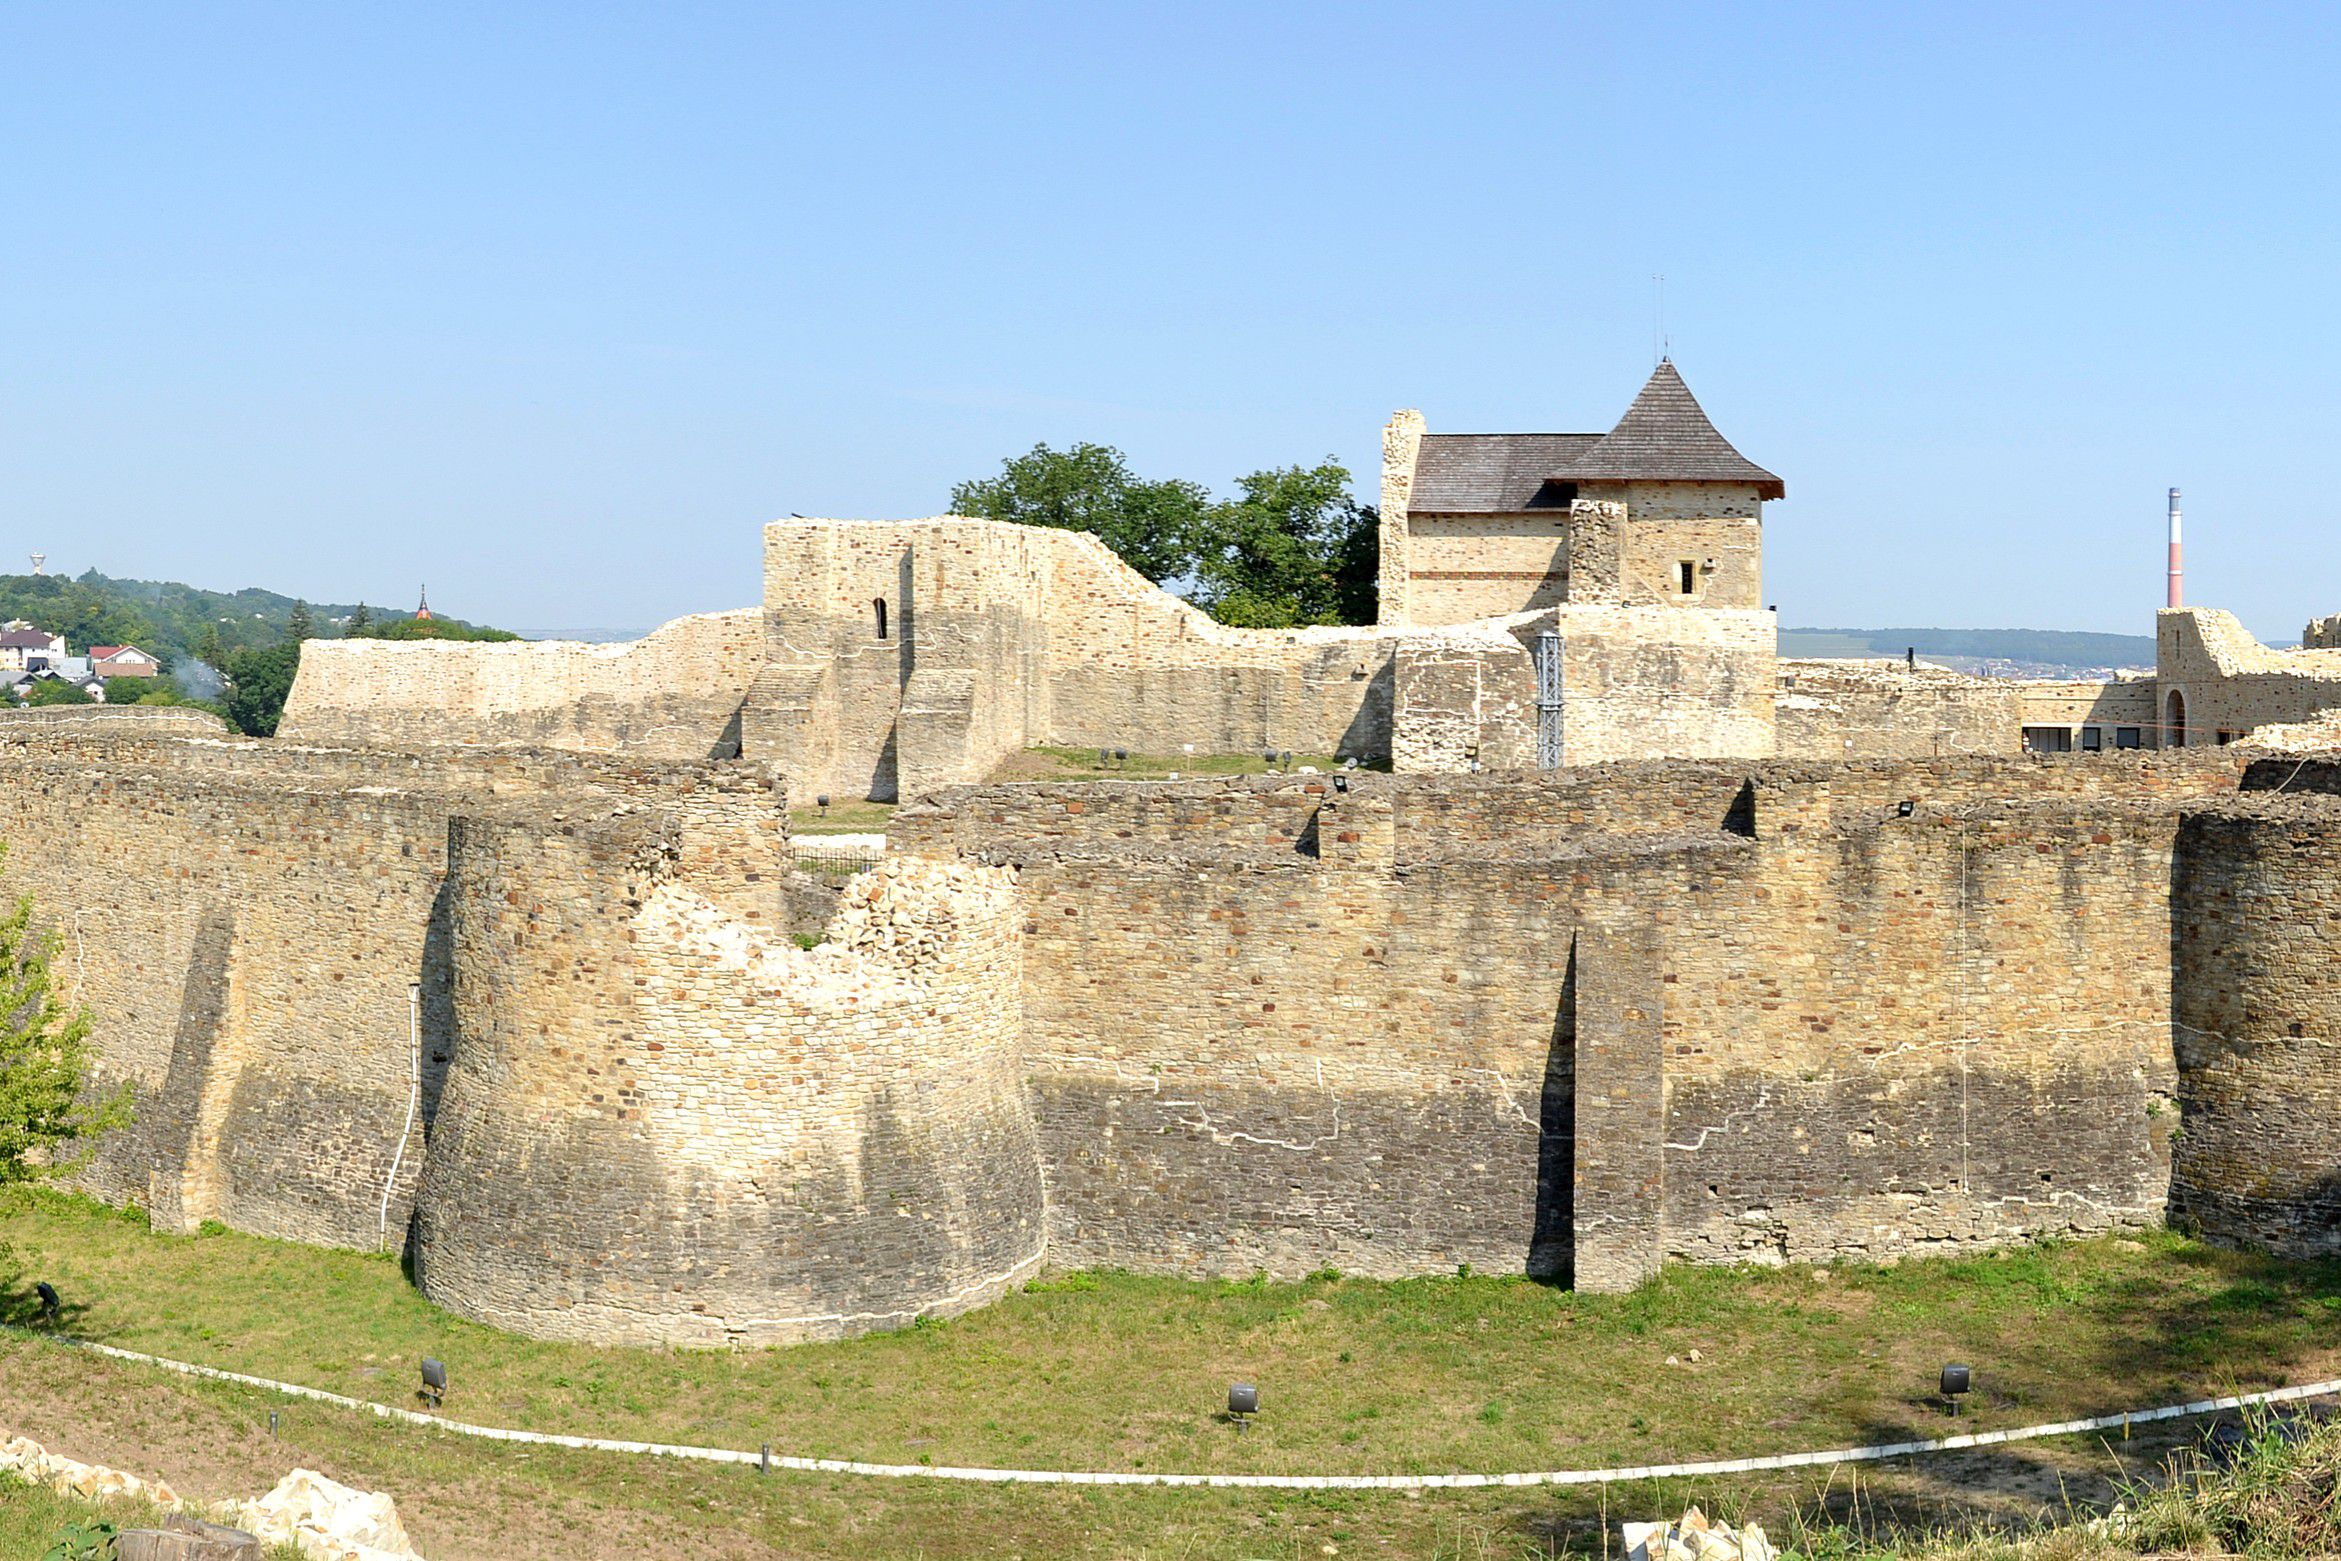 El antiguo castillo rumano conocido como Fortaleza de Suceava